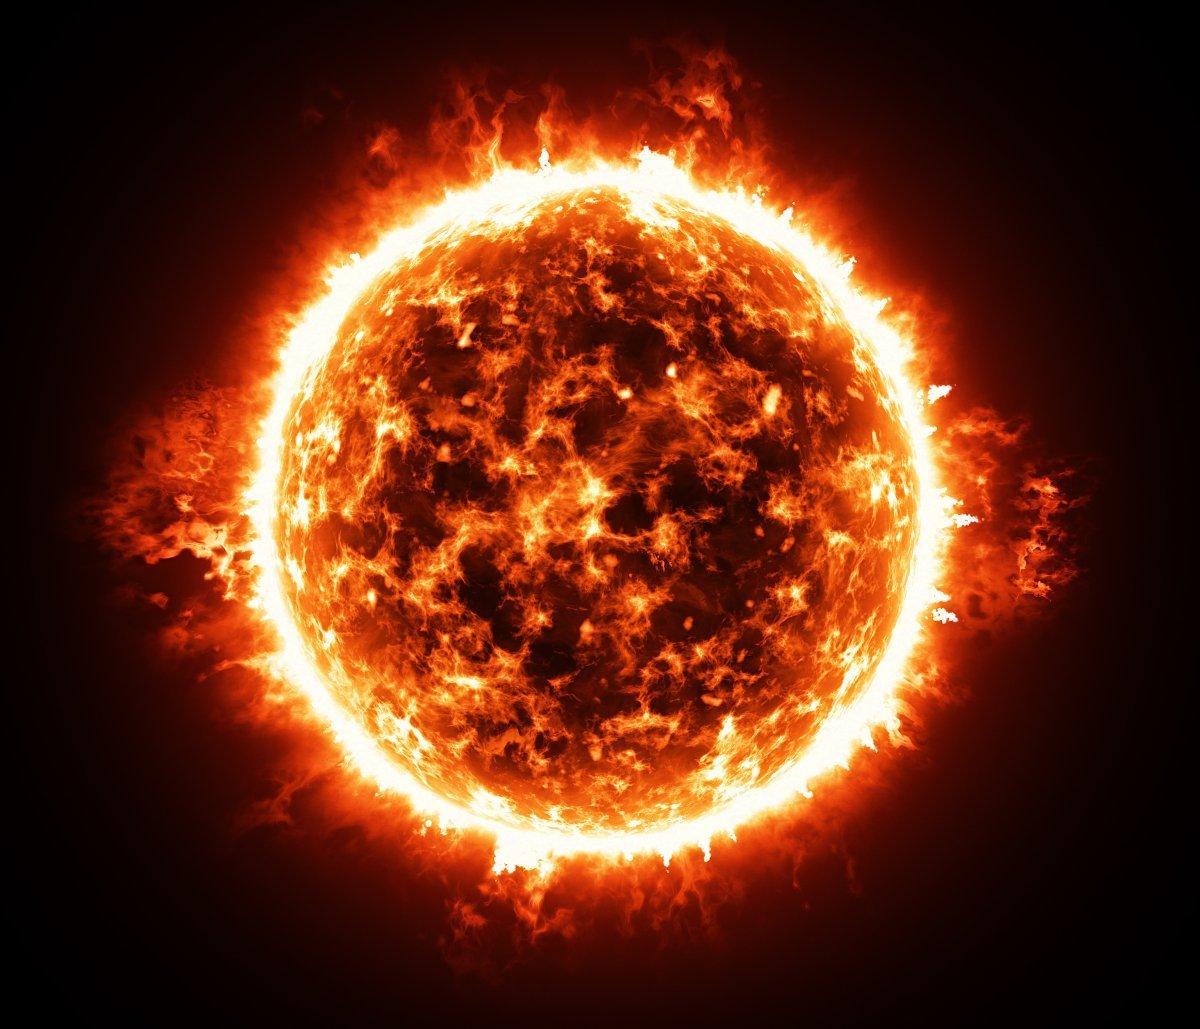 Ученые рассказали, что случится после погибели Солнца